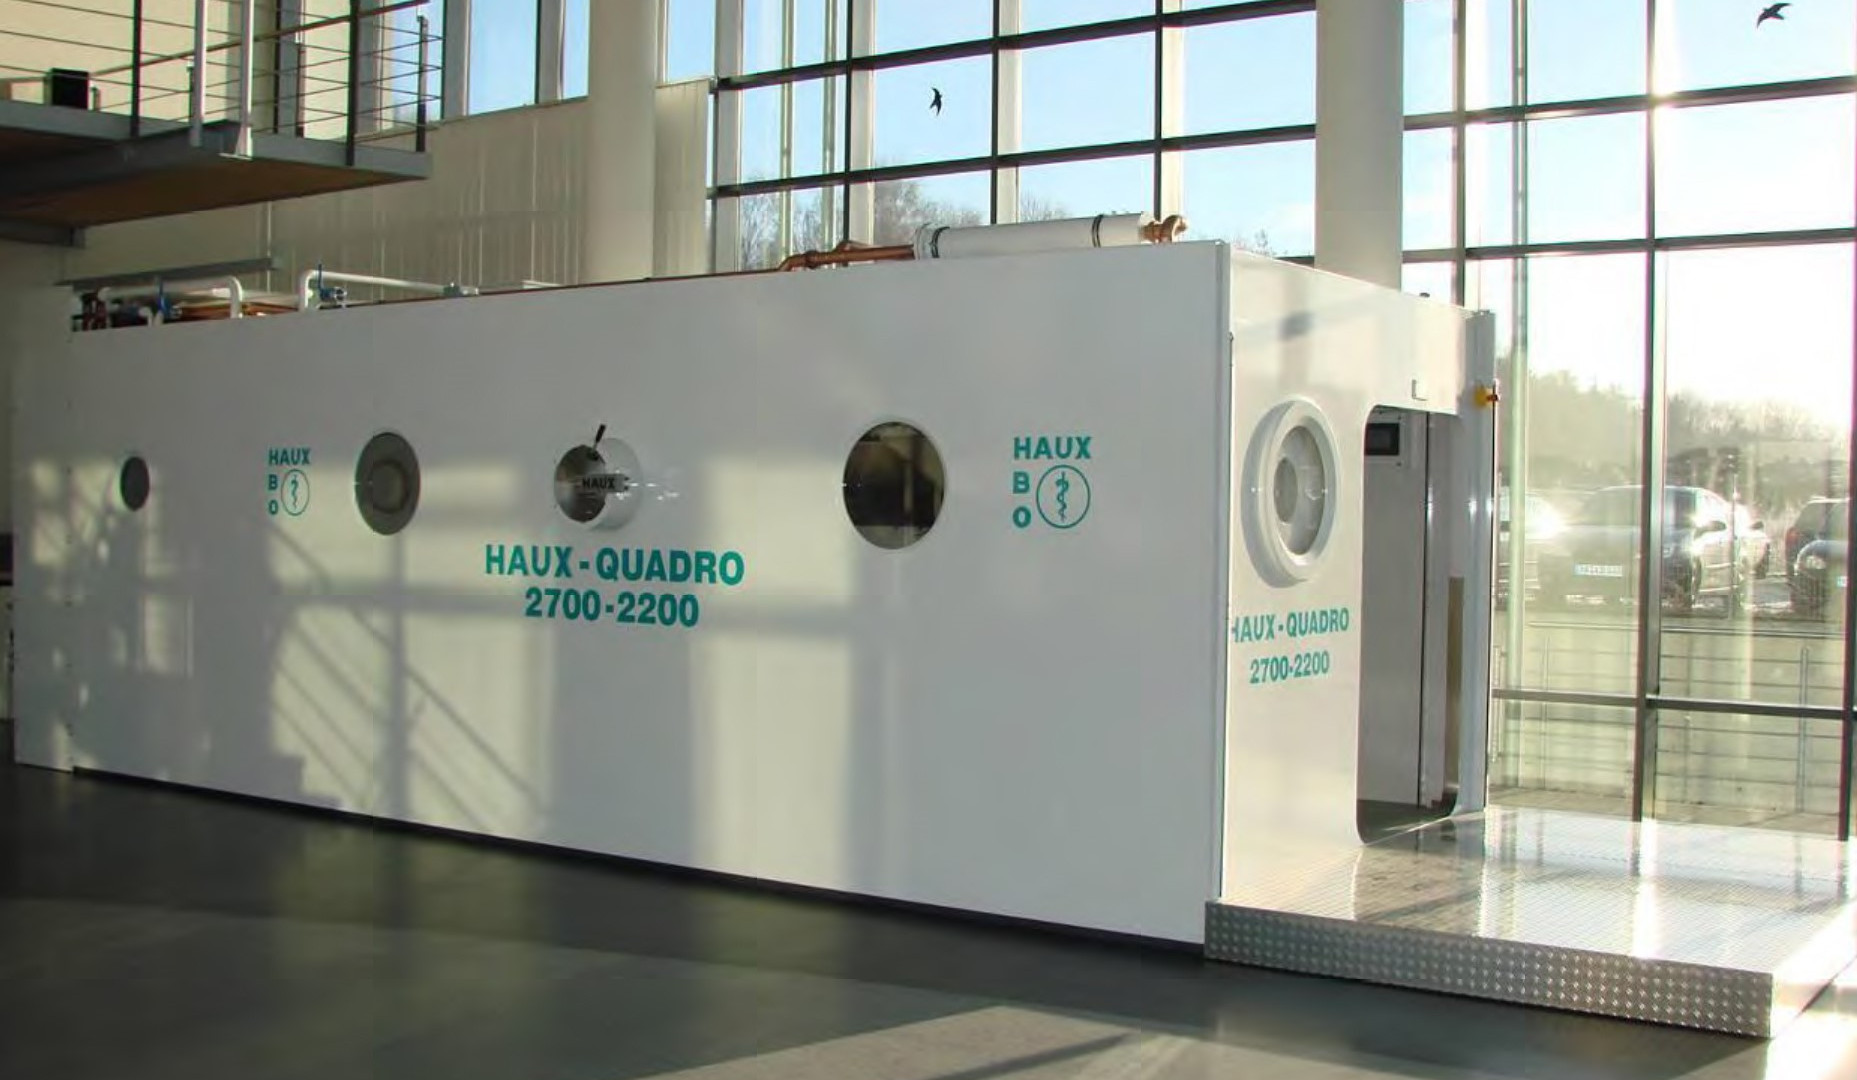 Haux Quadro 2700-2200